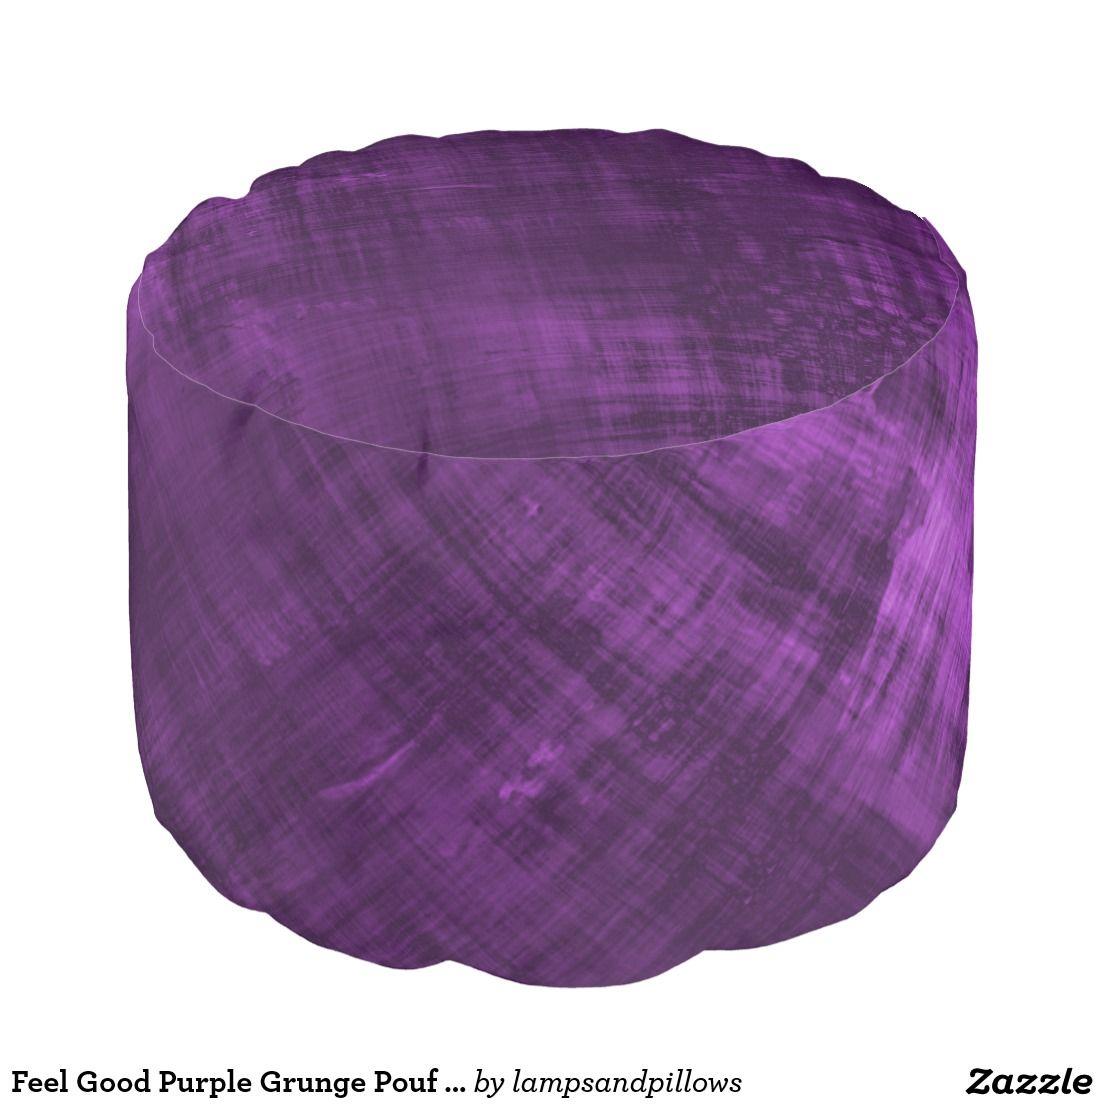 designer poufs - off boho home grunge designer poufshockers by marijke